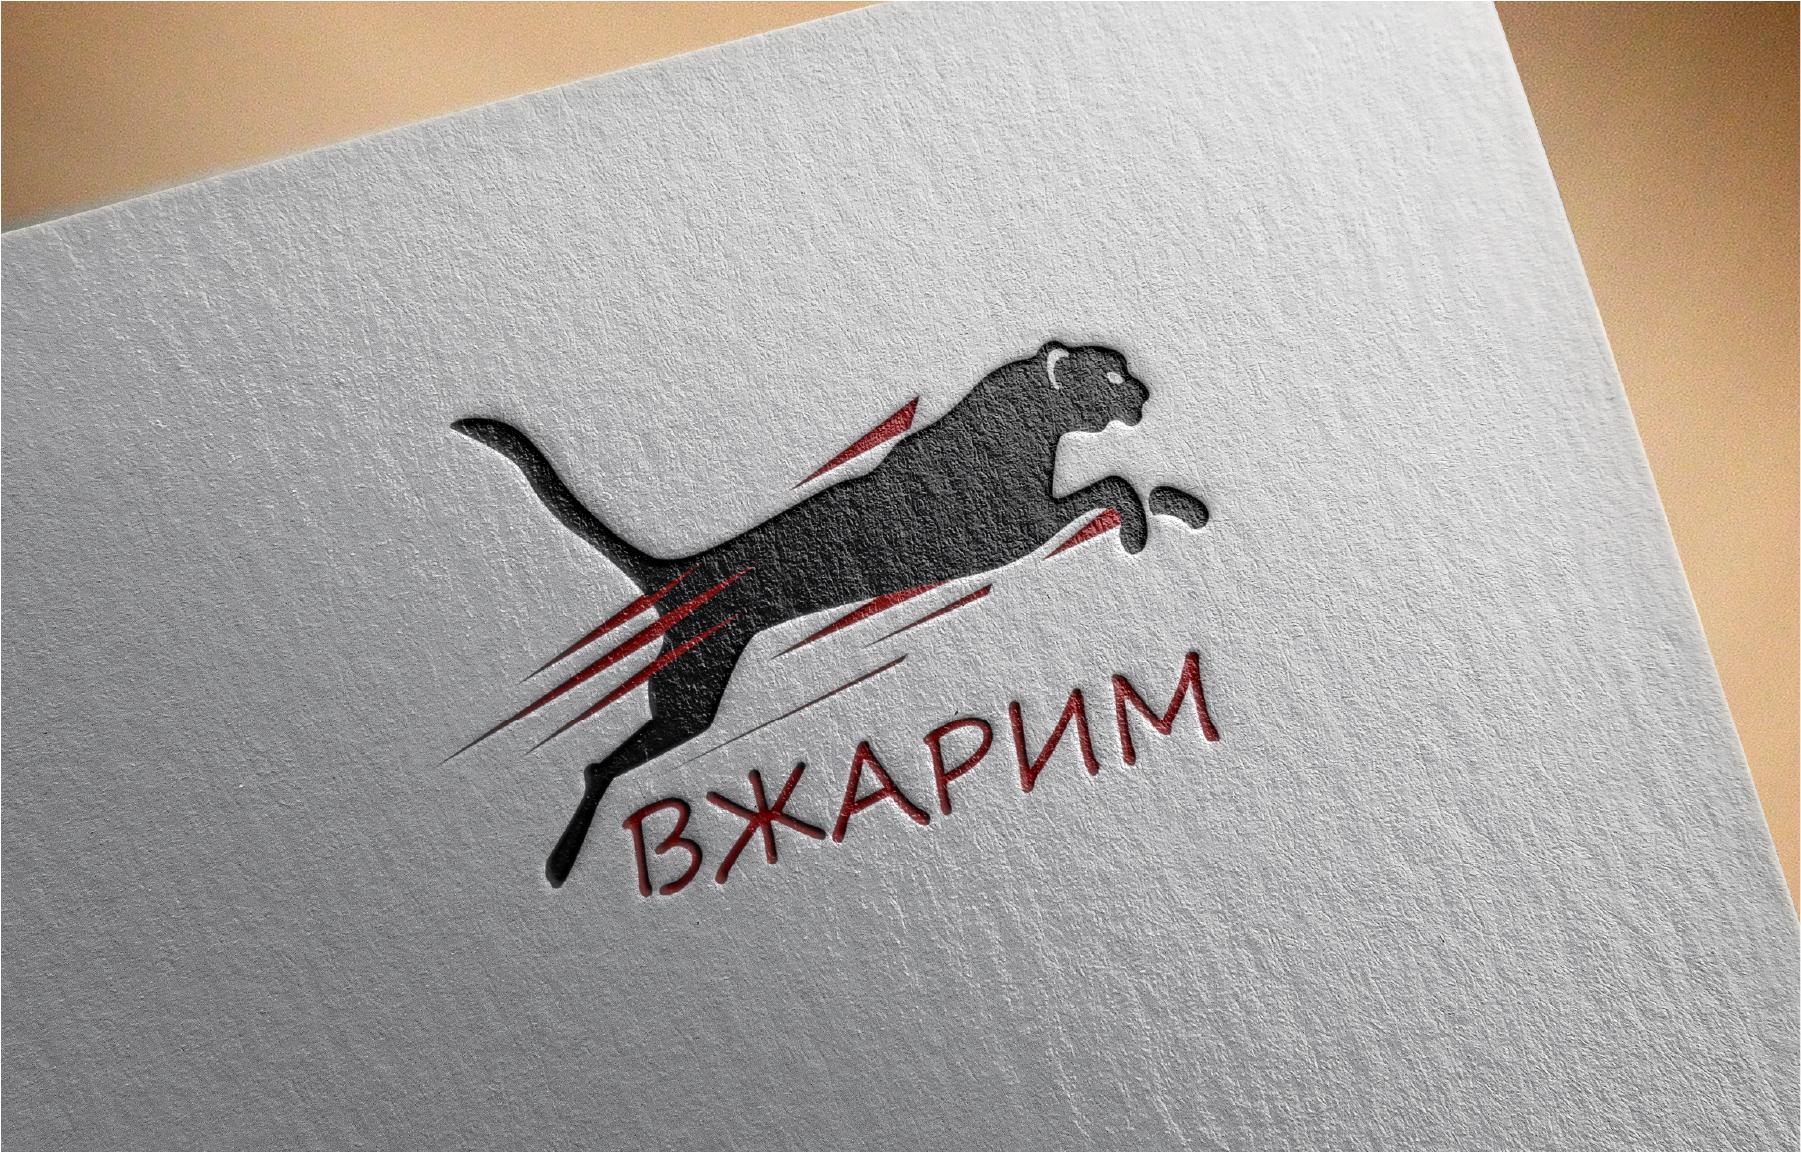 Требуется, разработка логотипа для крафт-кафе «ВЖАРИМ». фото f_838601163e456b37.jpg